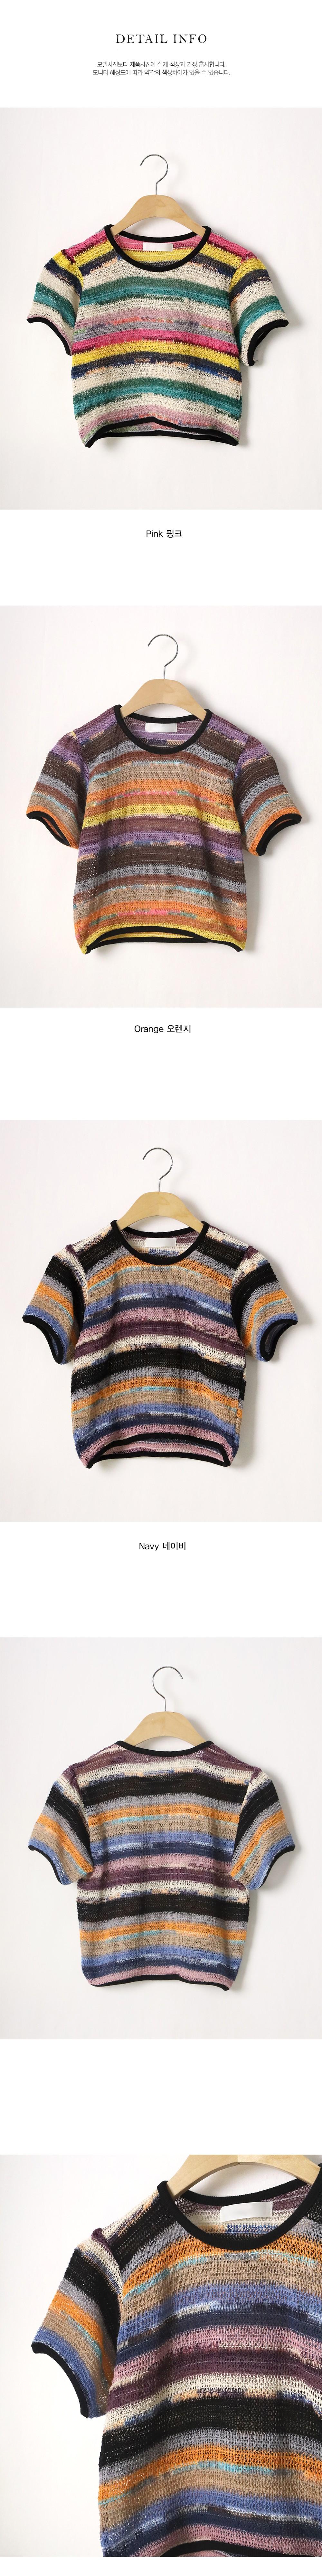 Rainbow Cotton Knitwear